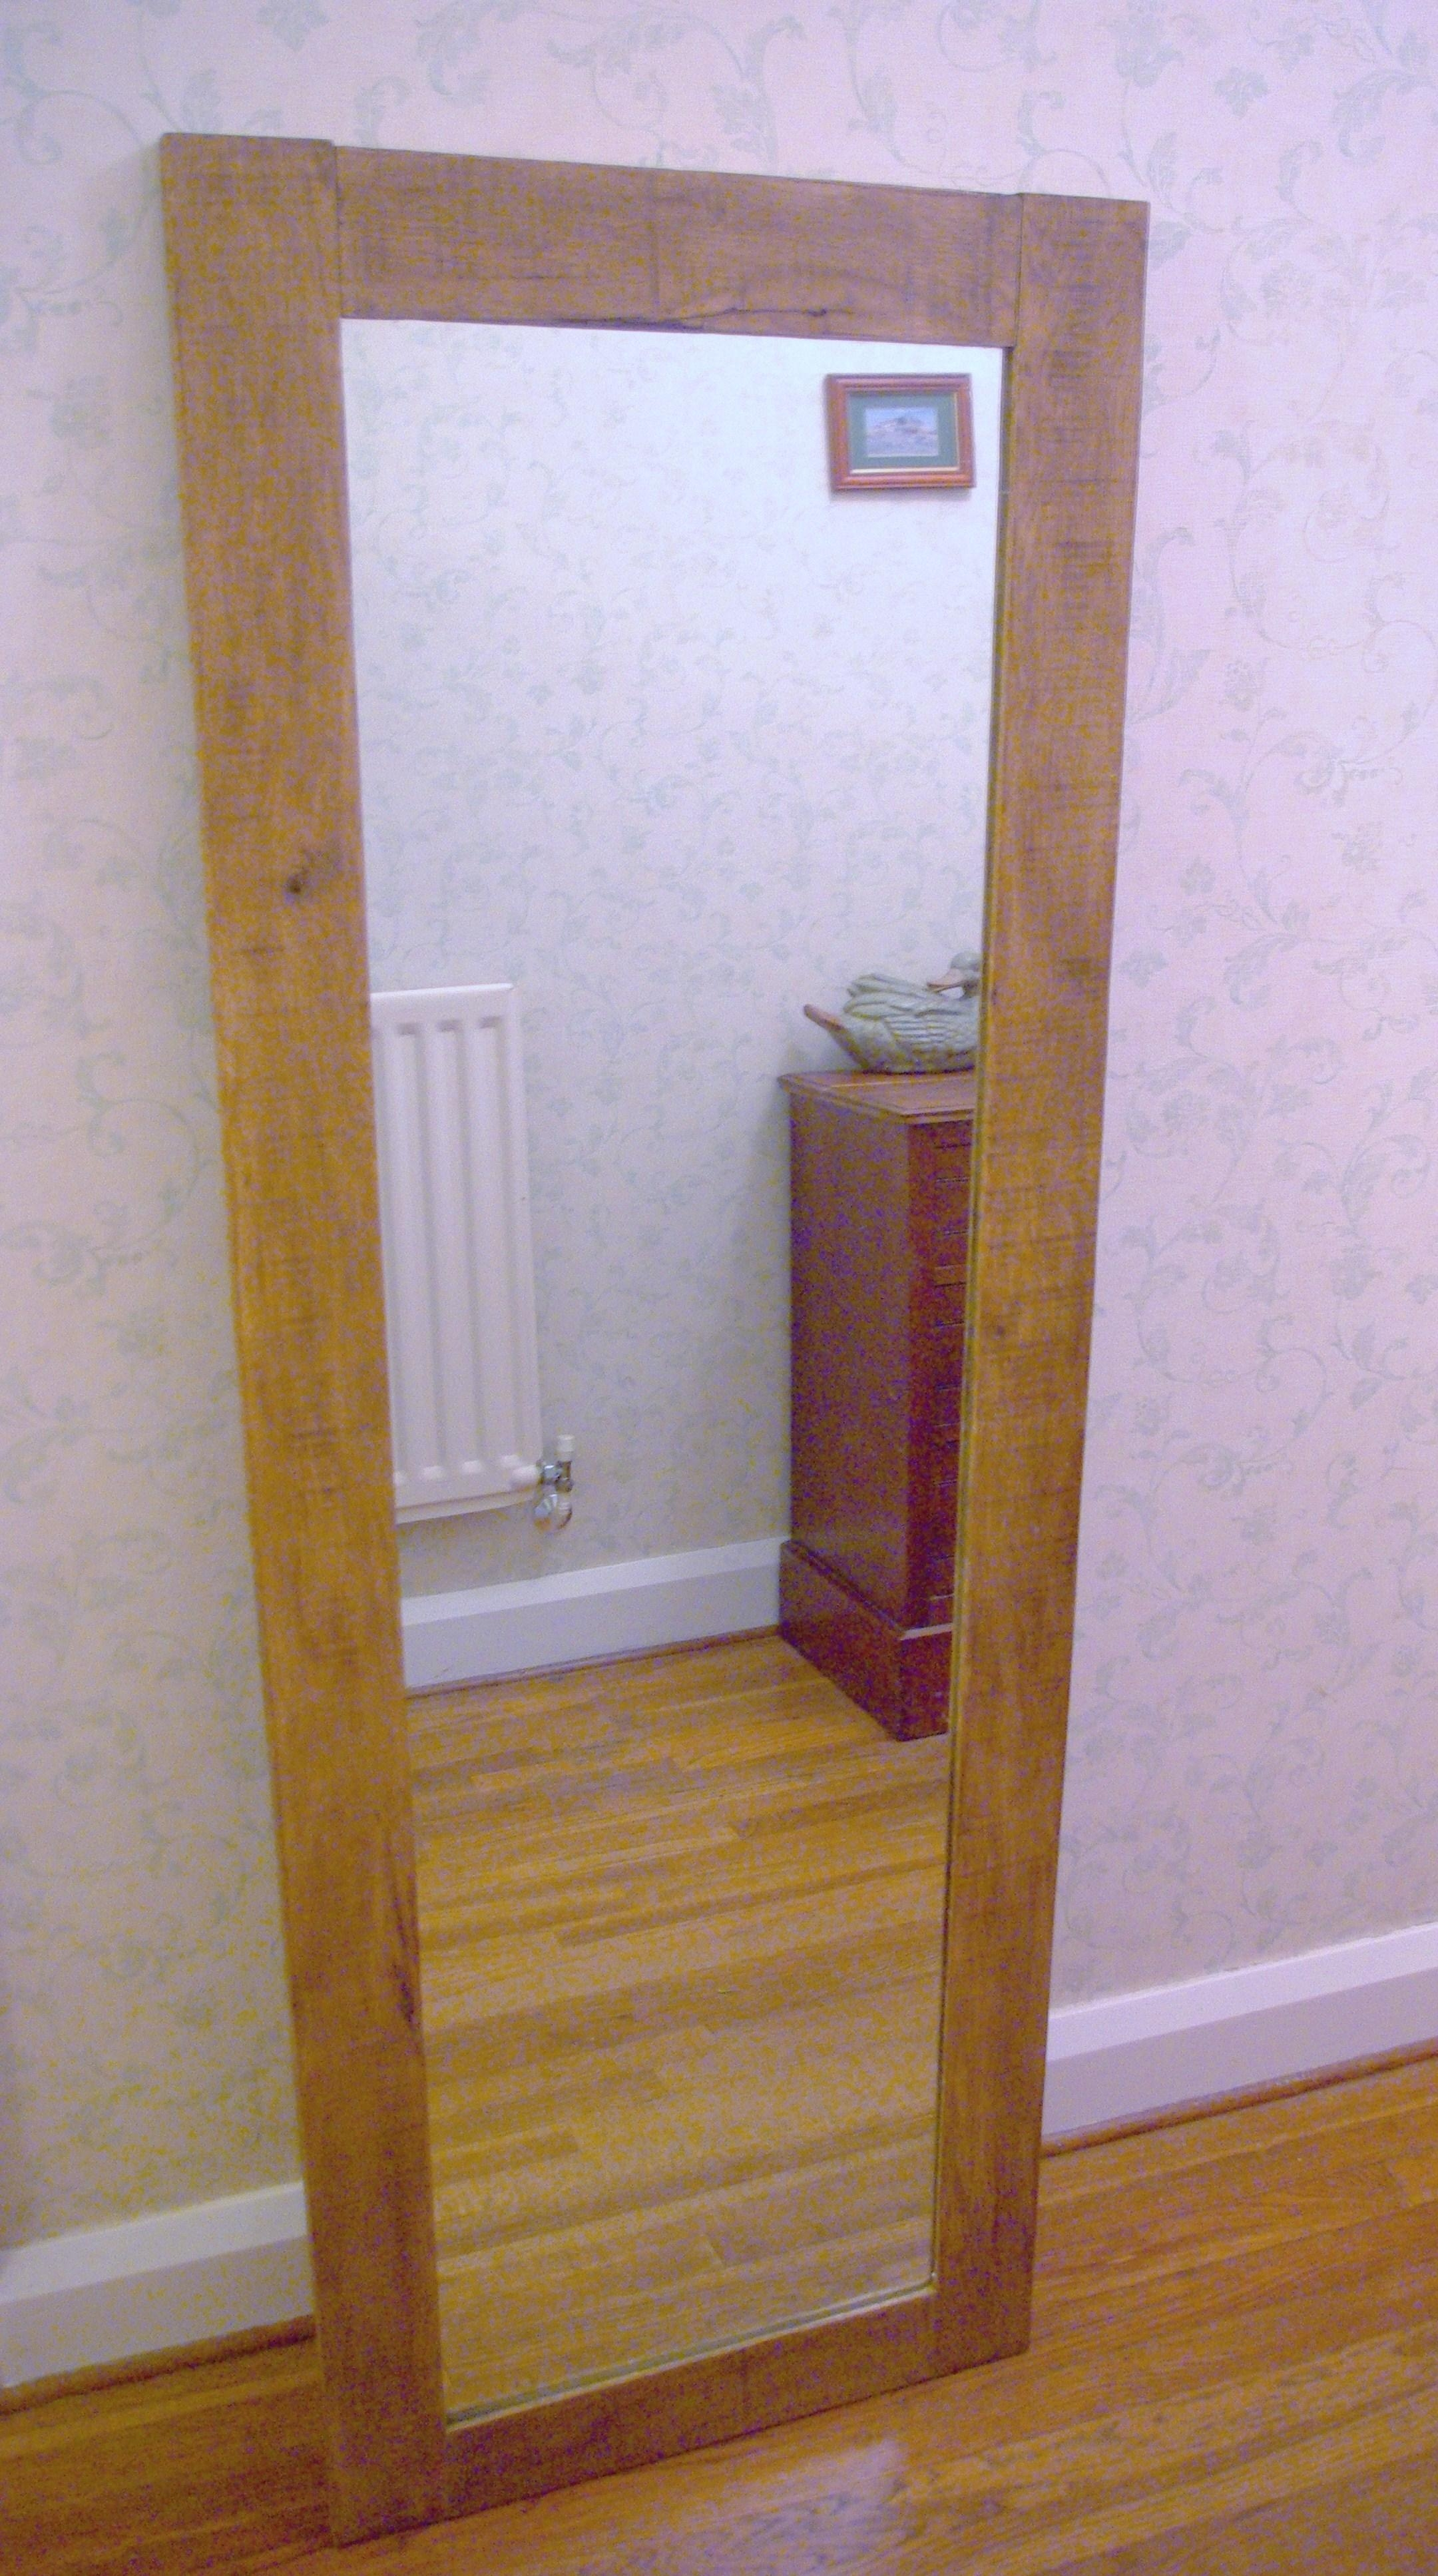 Oak Framed Wall Mirror 118 Breathtaking Decor Plus Oak Framed Regarding Oak Framed Wall Mirror (View 6 of 20)